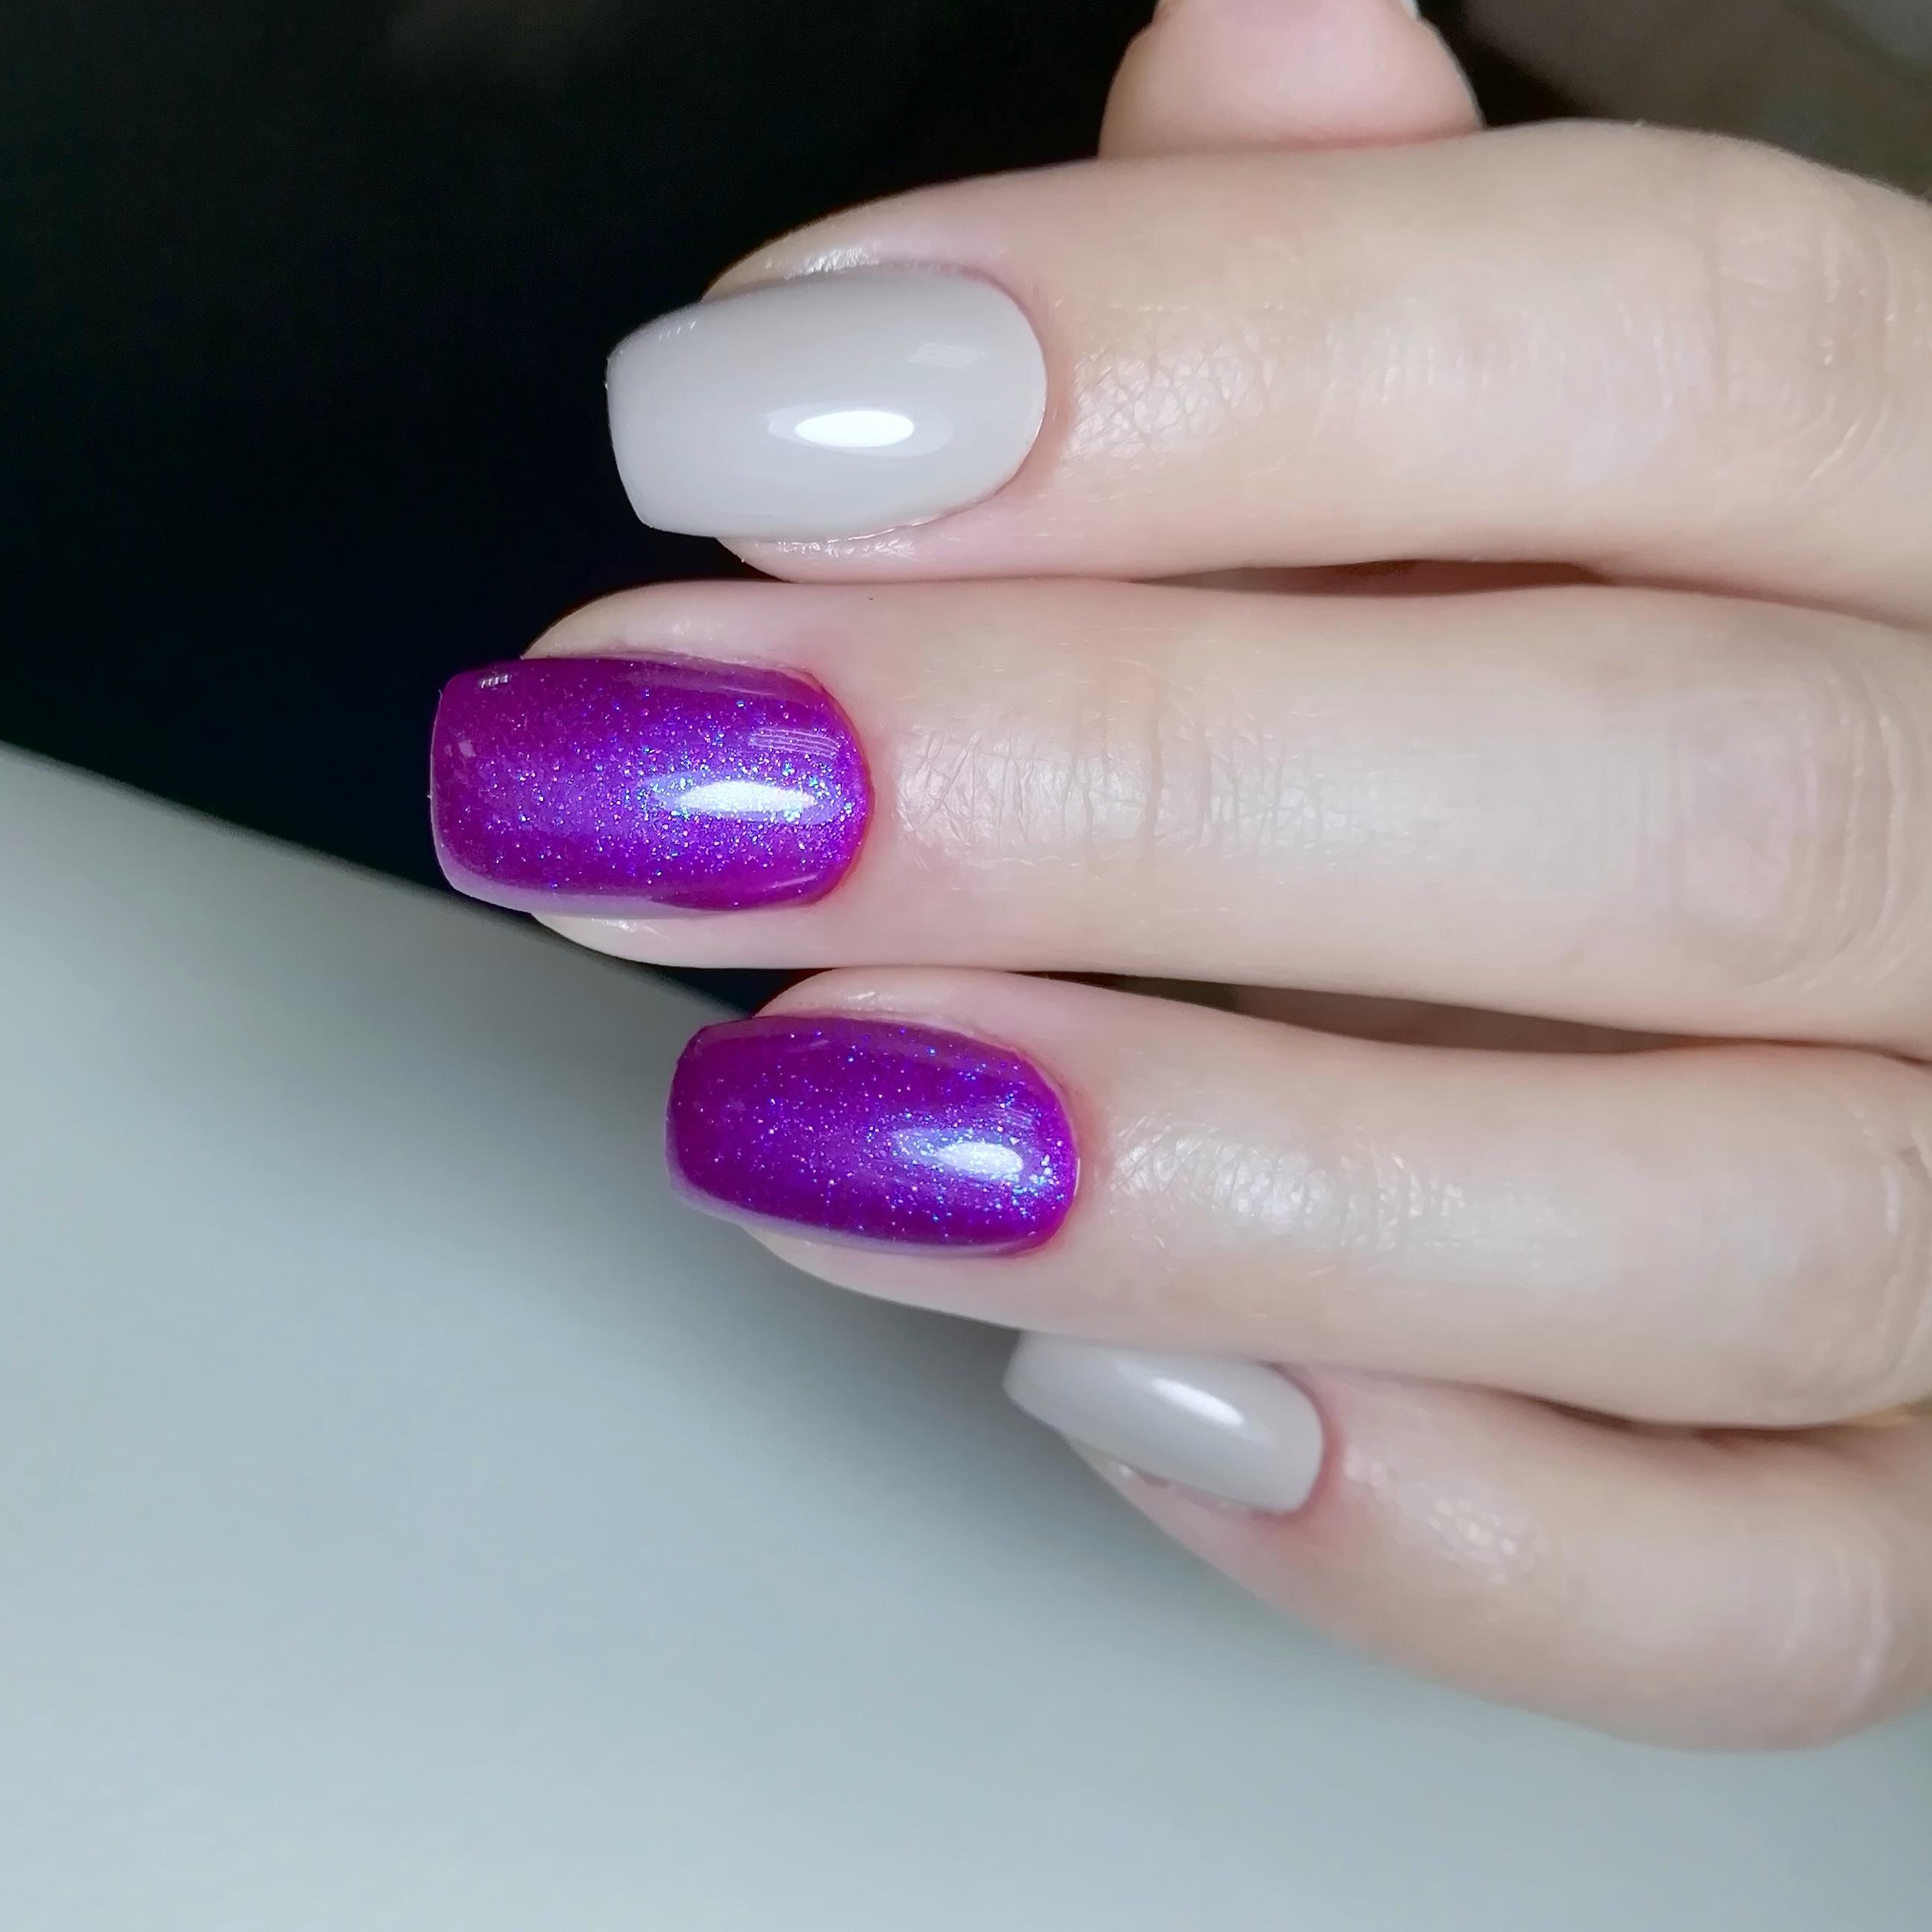 Маникюр в сером цвете с фиолетовым дизайном.